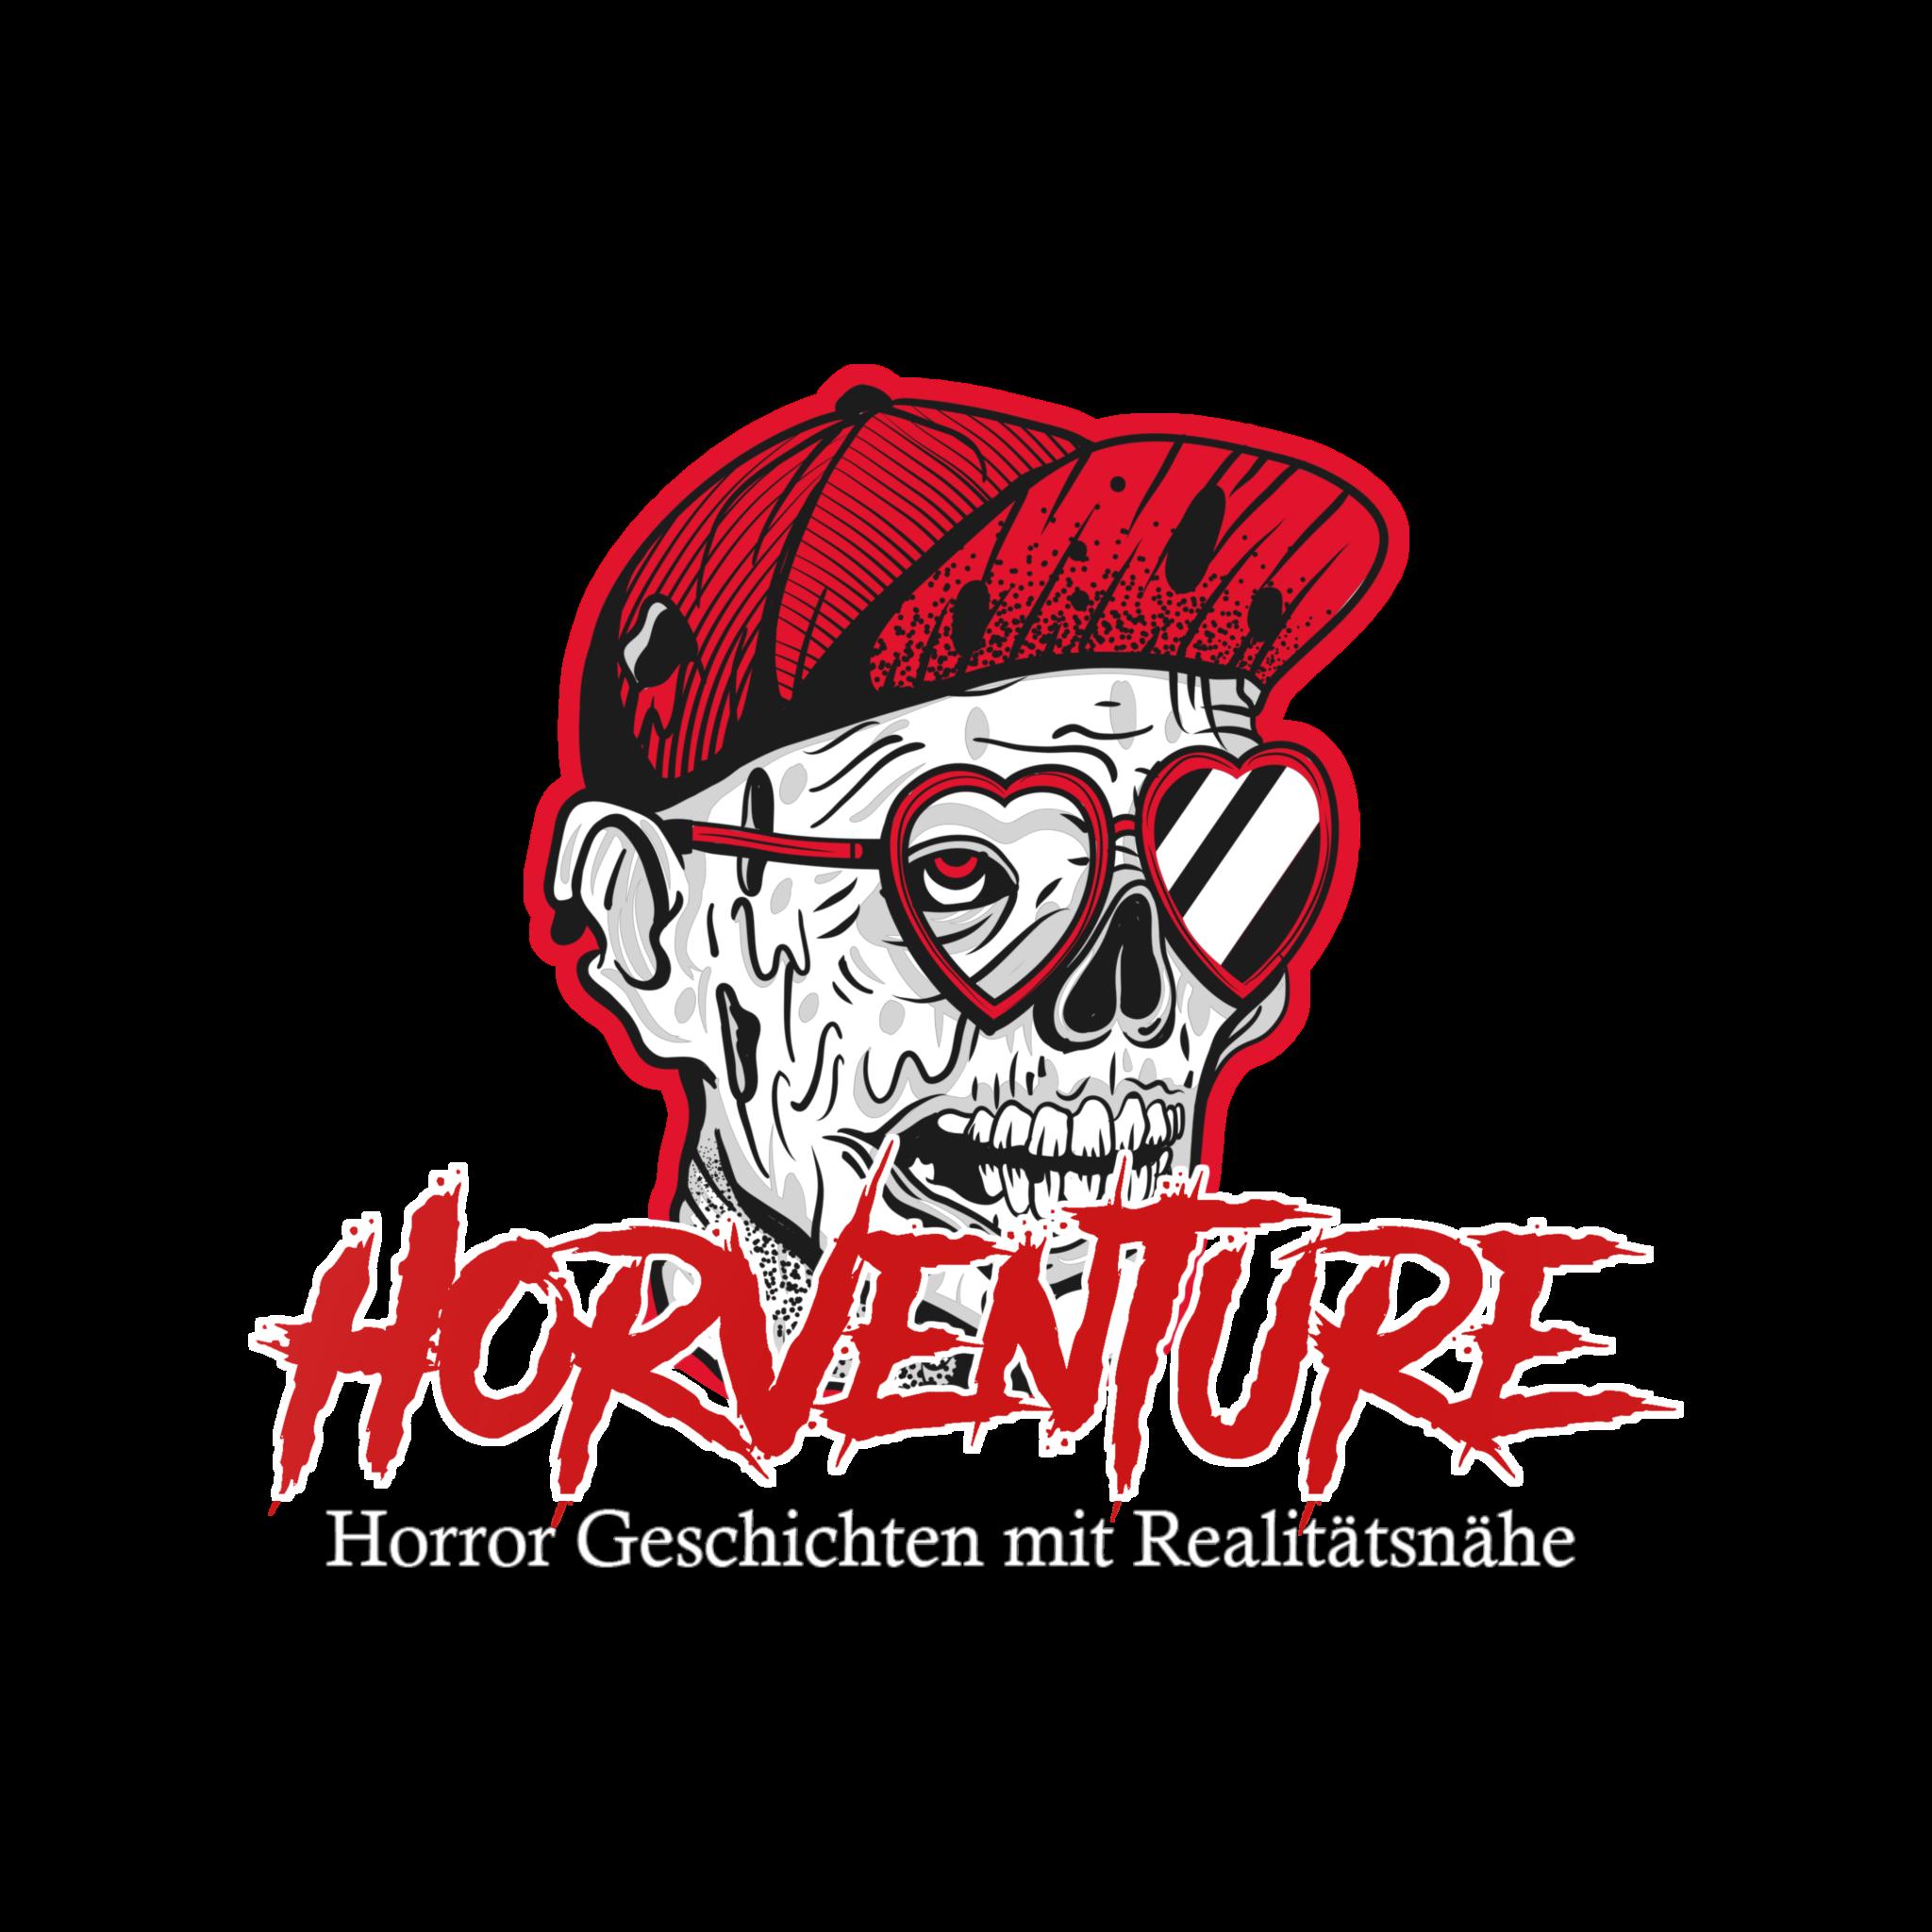 Horventure – Horror Geschichten